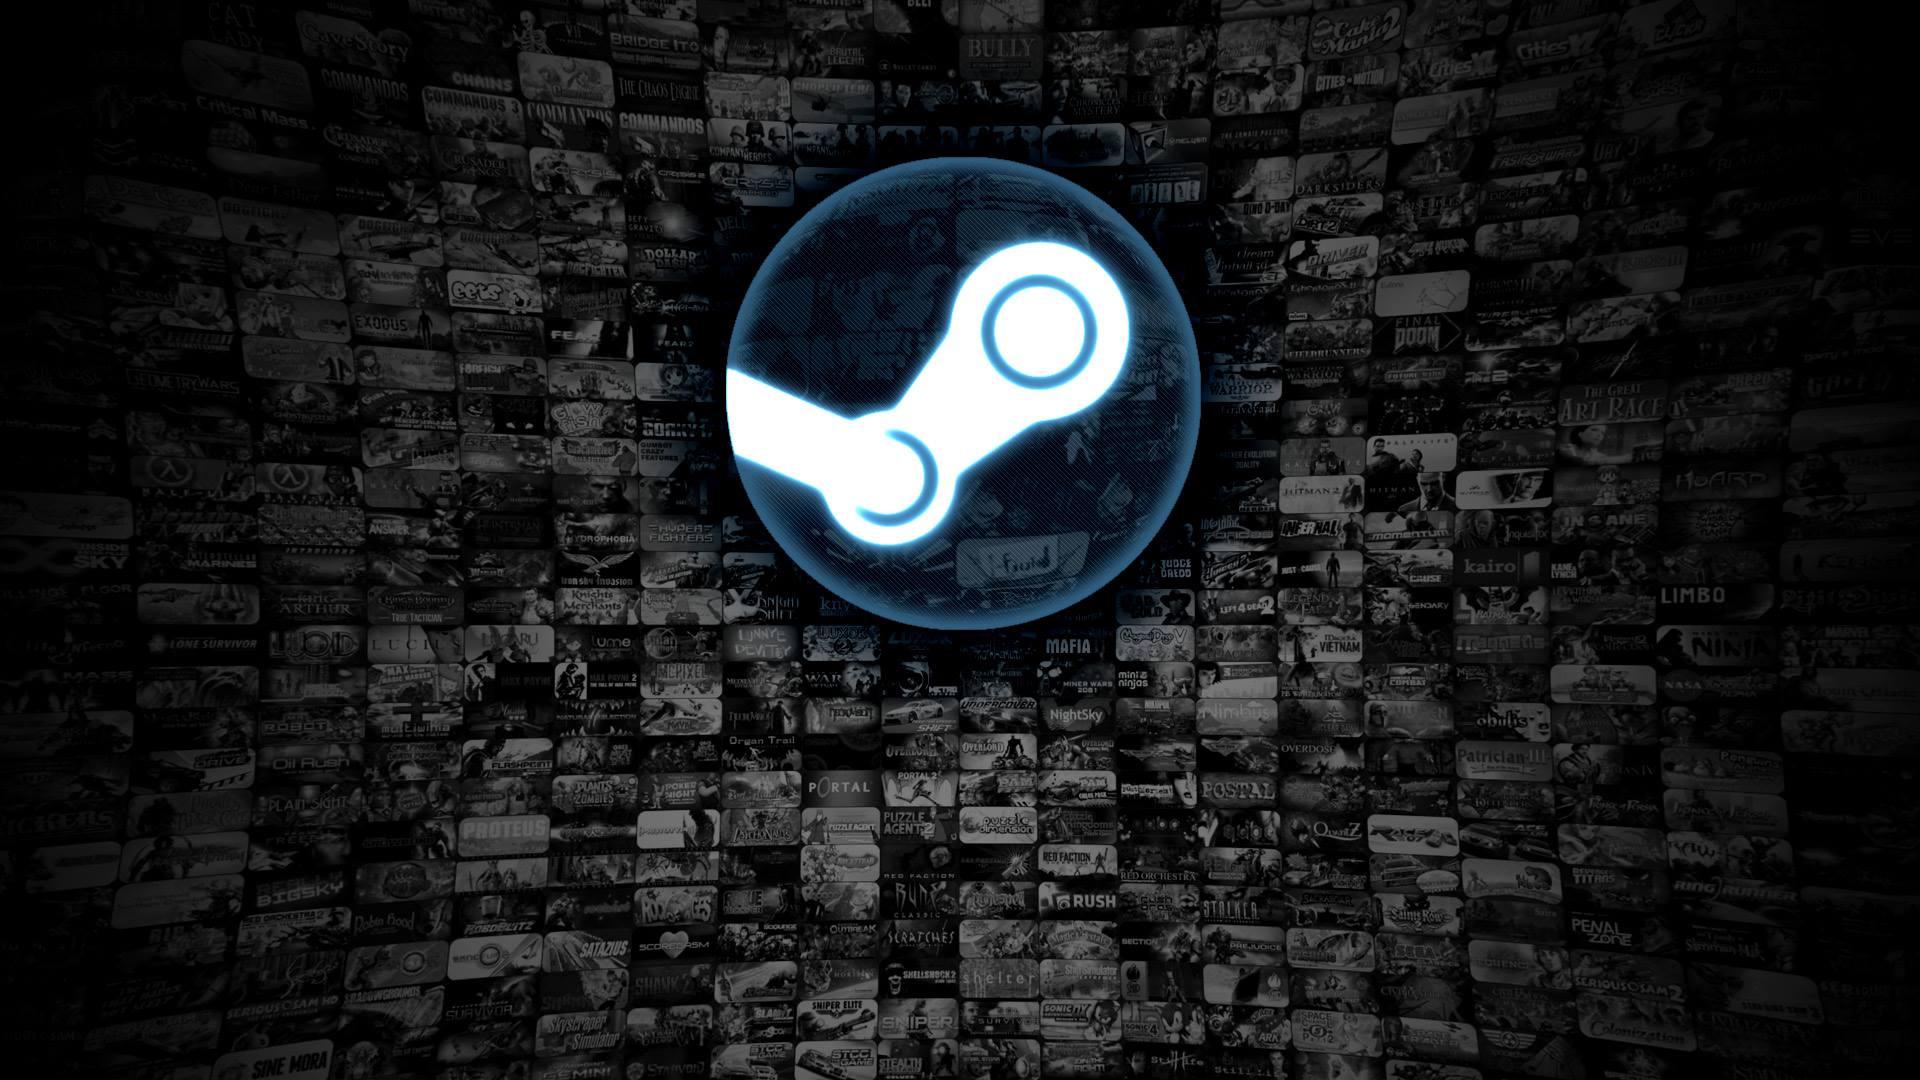 ¡Mucho ojo! Descubren nueva vulnerabilidad que podría afectar a cualquier usuario de Steam en Windows